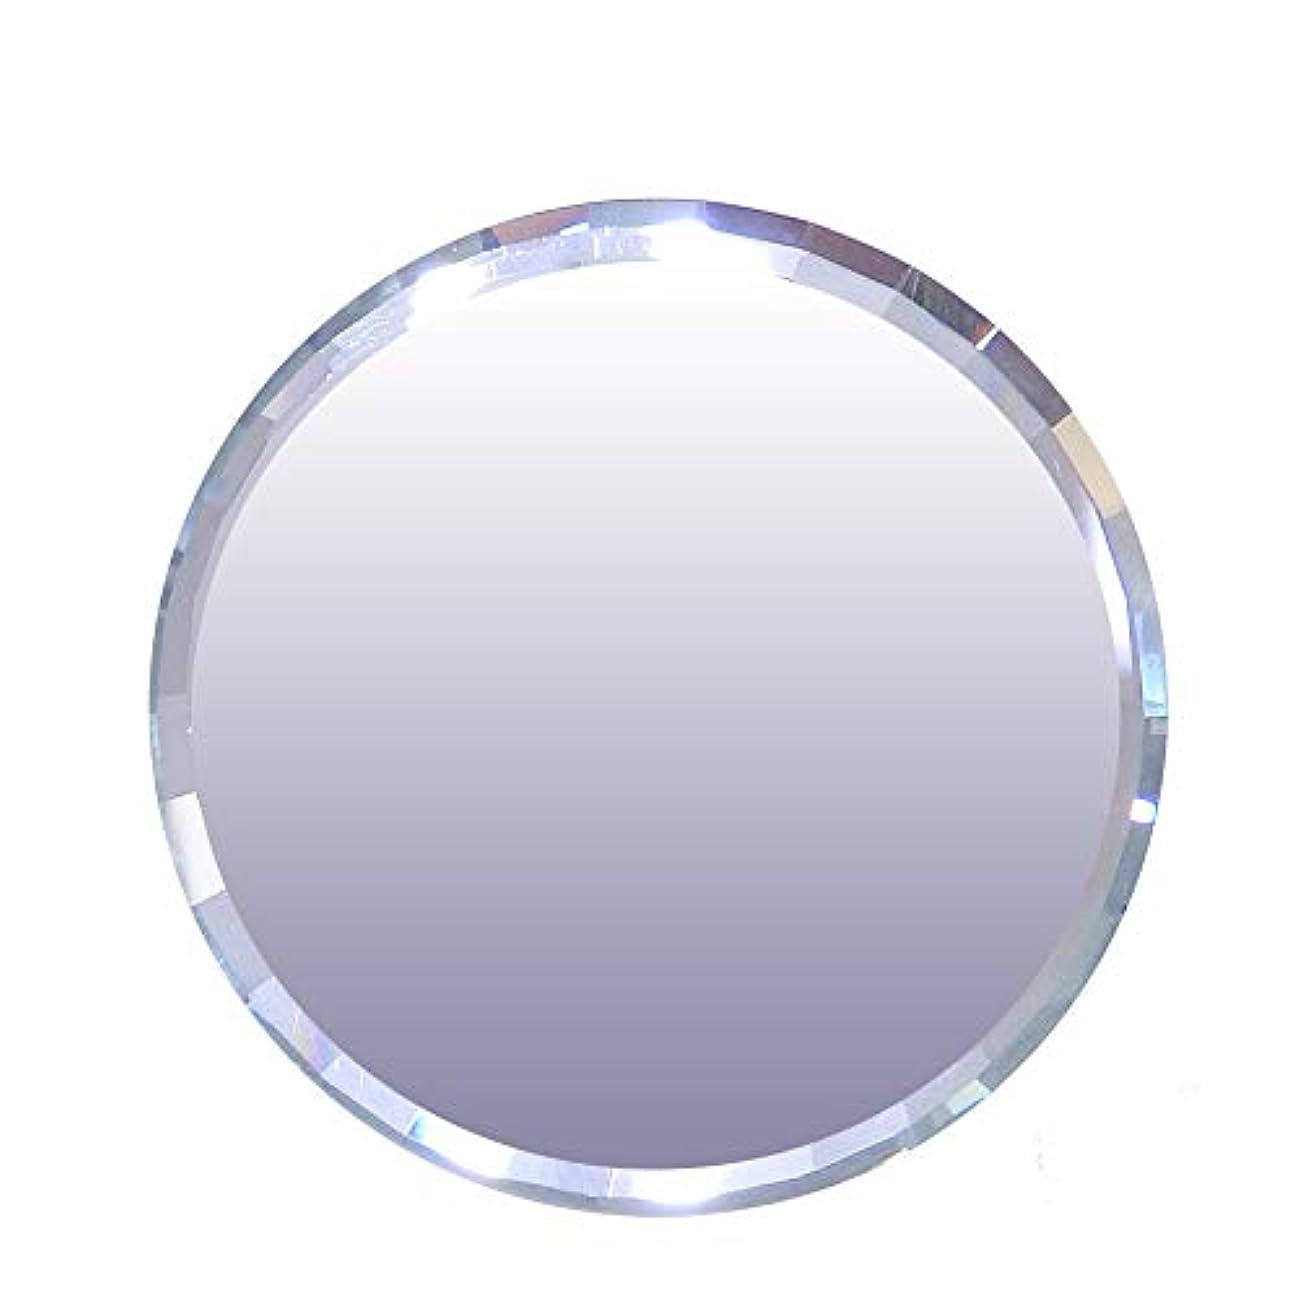 セッティング知覚同化ミラーパレット ミラープレート #2 (クリスタル)